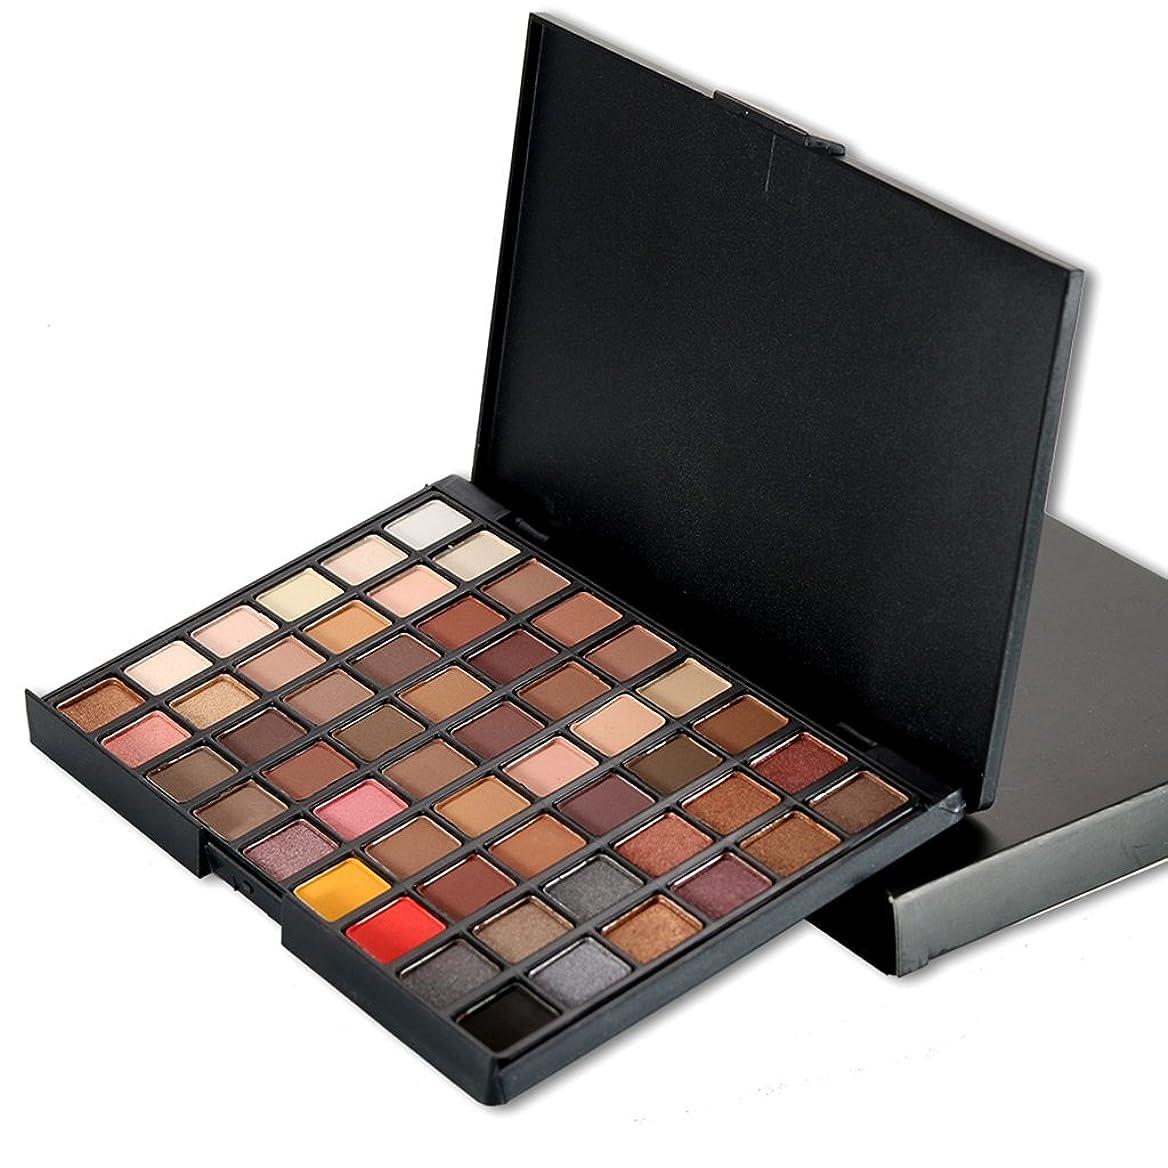 偏心表向き影響力のあるBaosity 54色 化粧品 パウダー アイシャドウ パレット 色合い マット シマー 全2種類 - #1